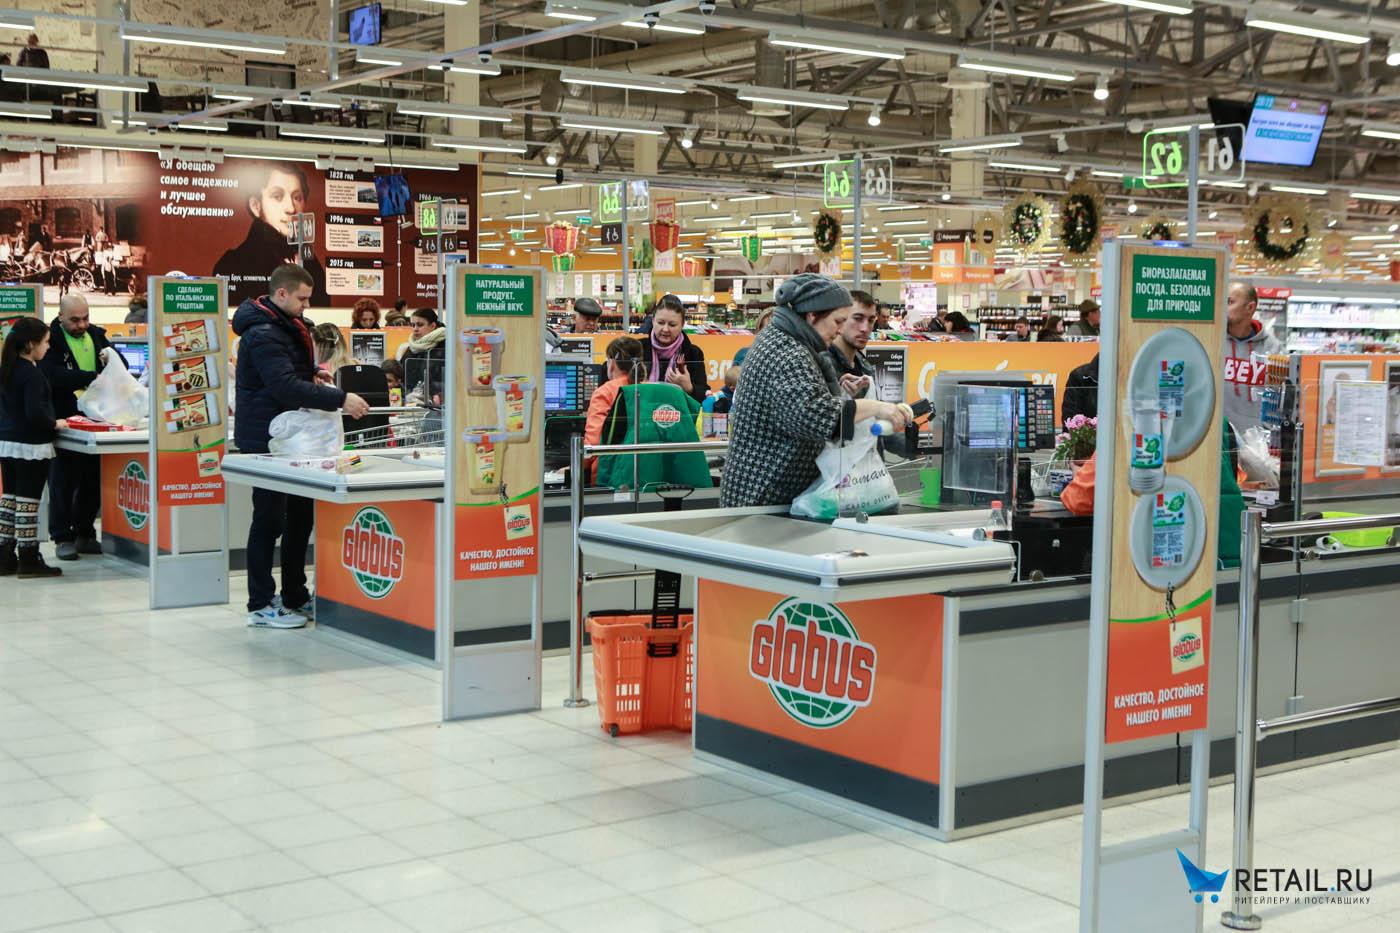 В русских супермаркетах протестируют систему закупок Scan&Go